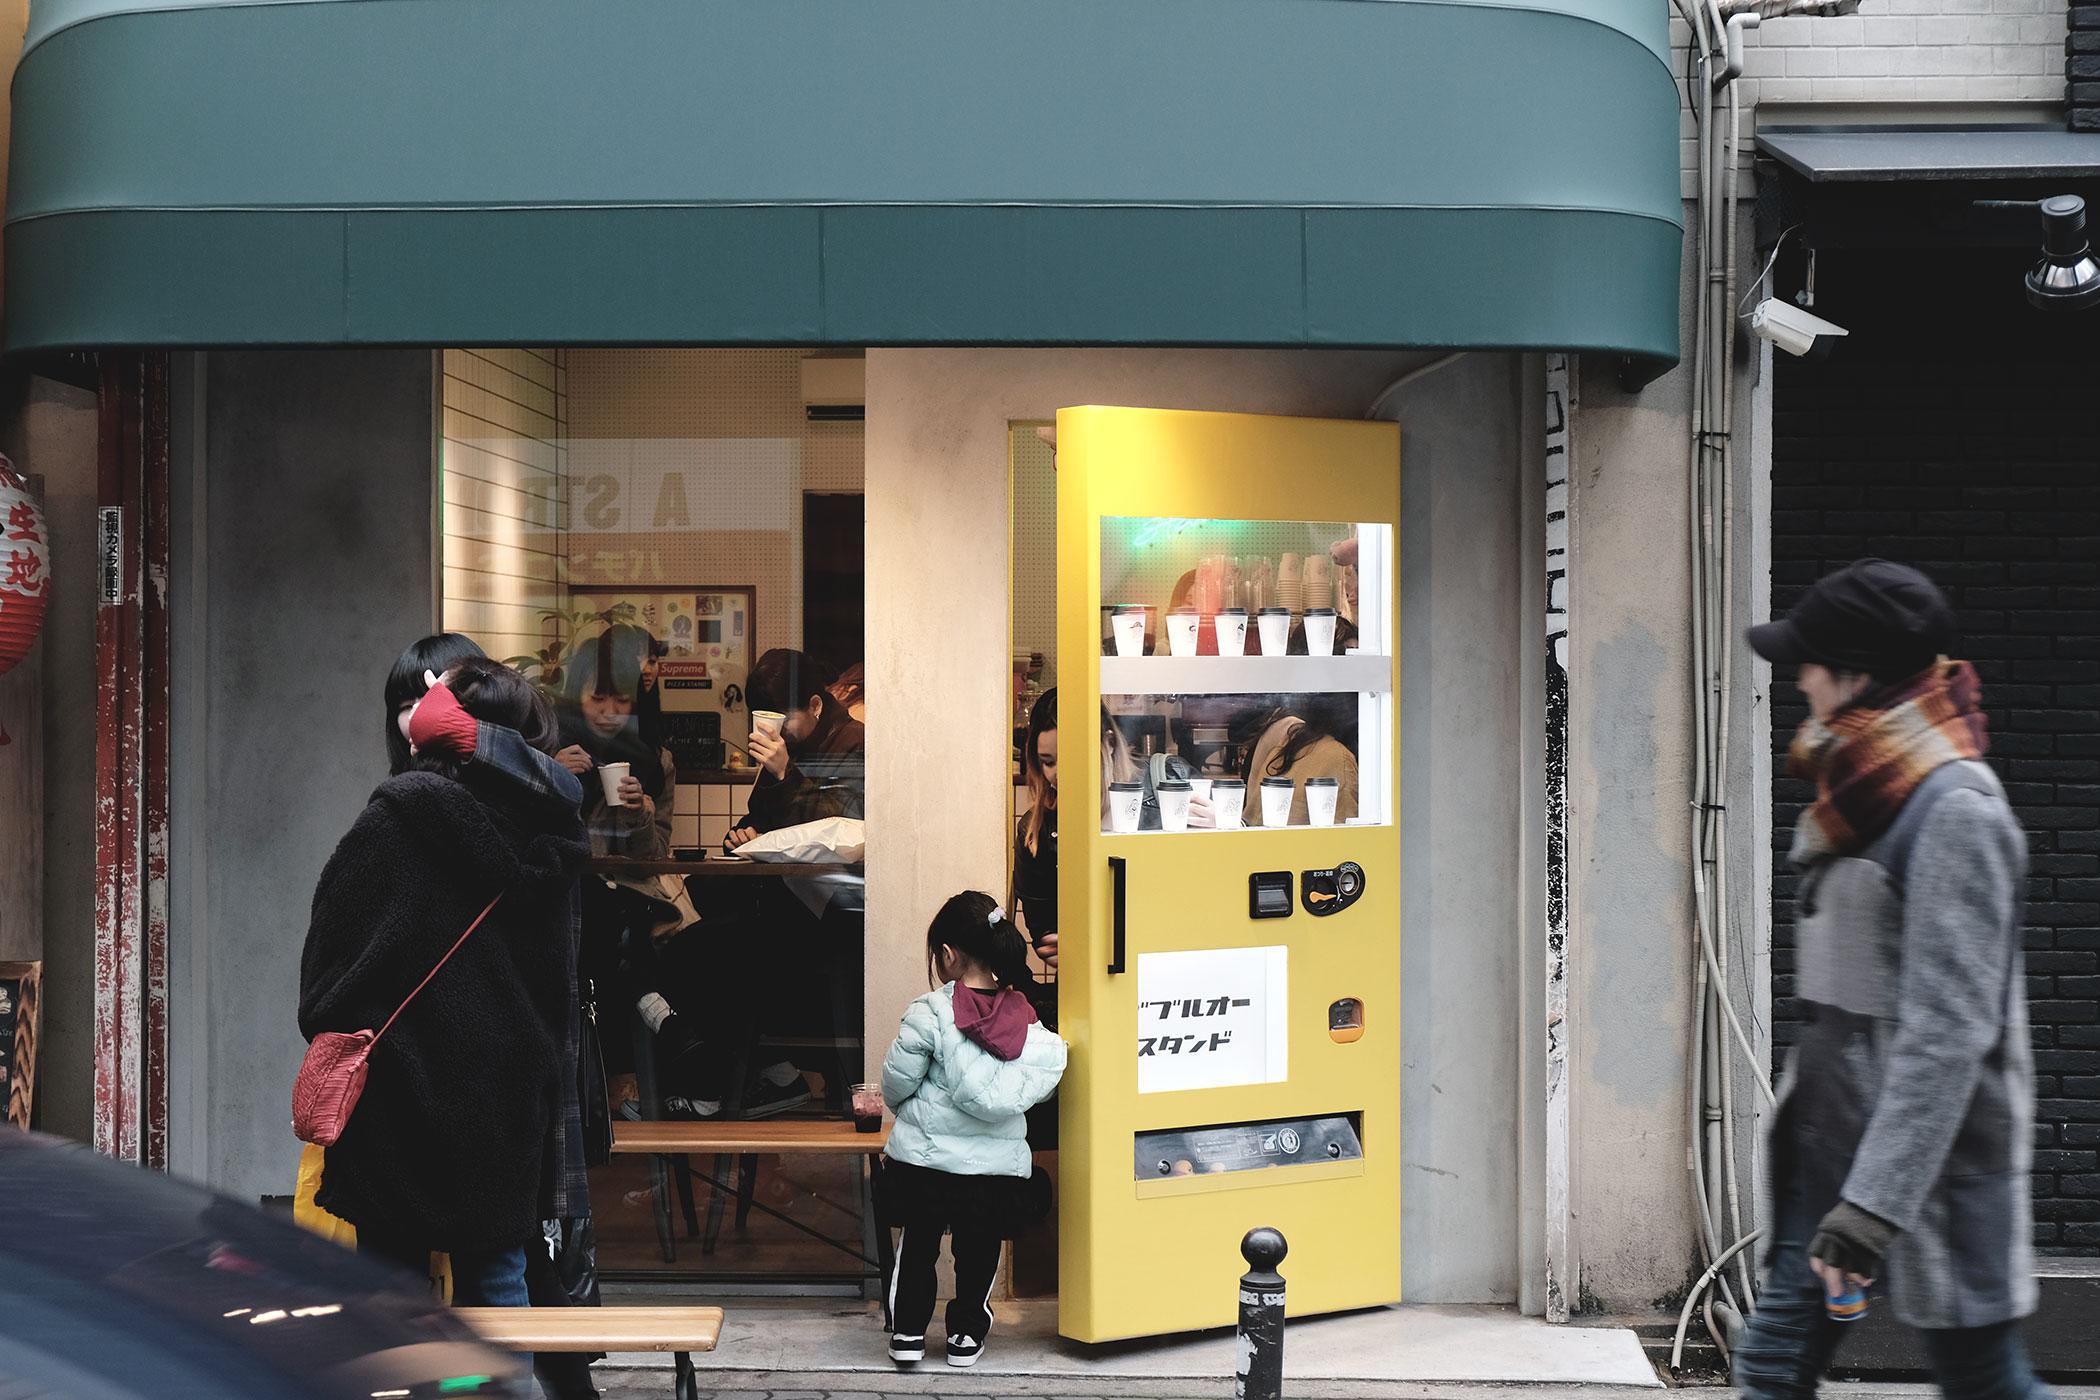 2018年1月の人気カフェ&コーヒースタンド1位 W/O STAND SHINSAIBASHI(ダブルオースタンド心斎橋)